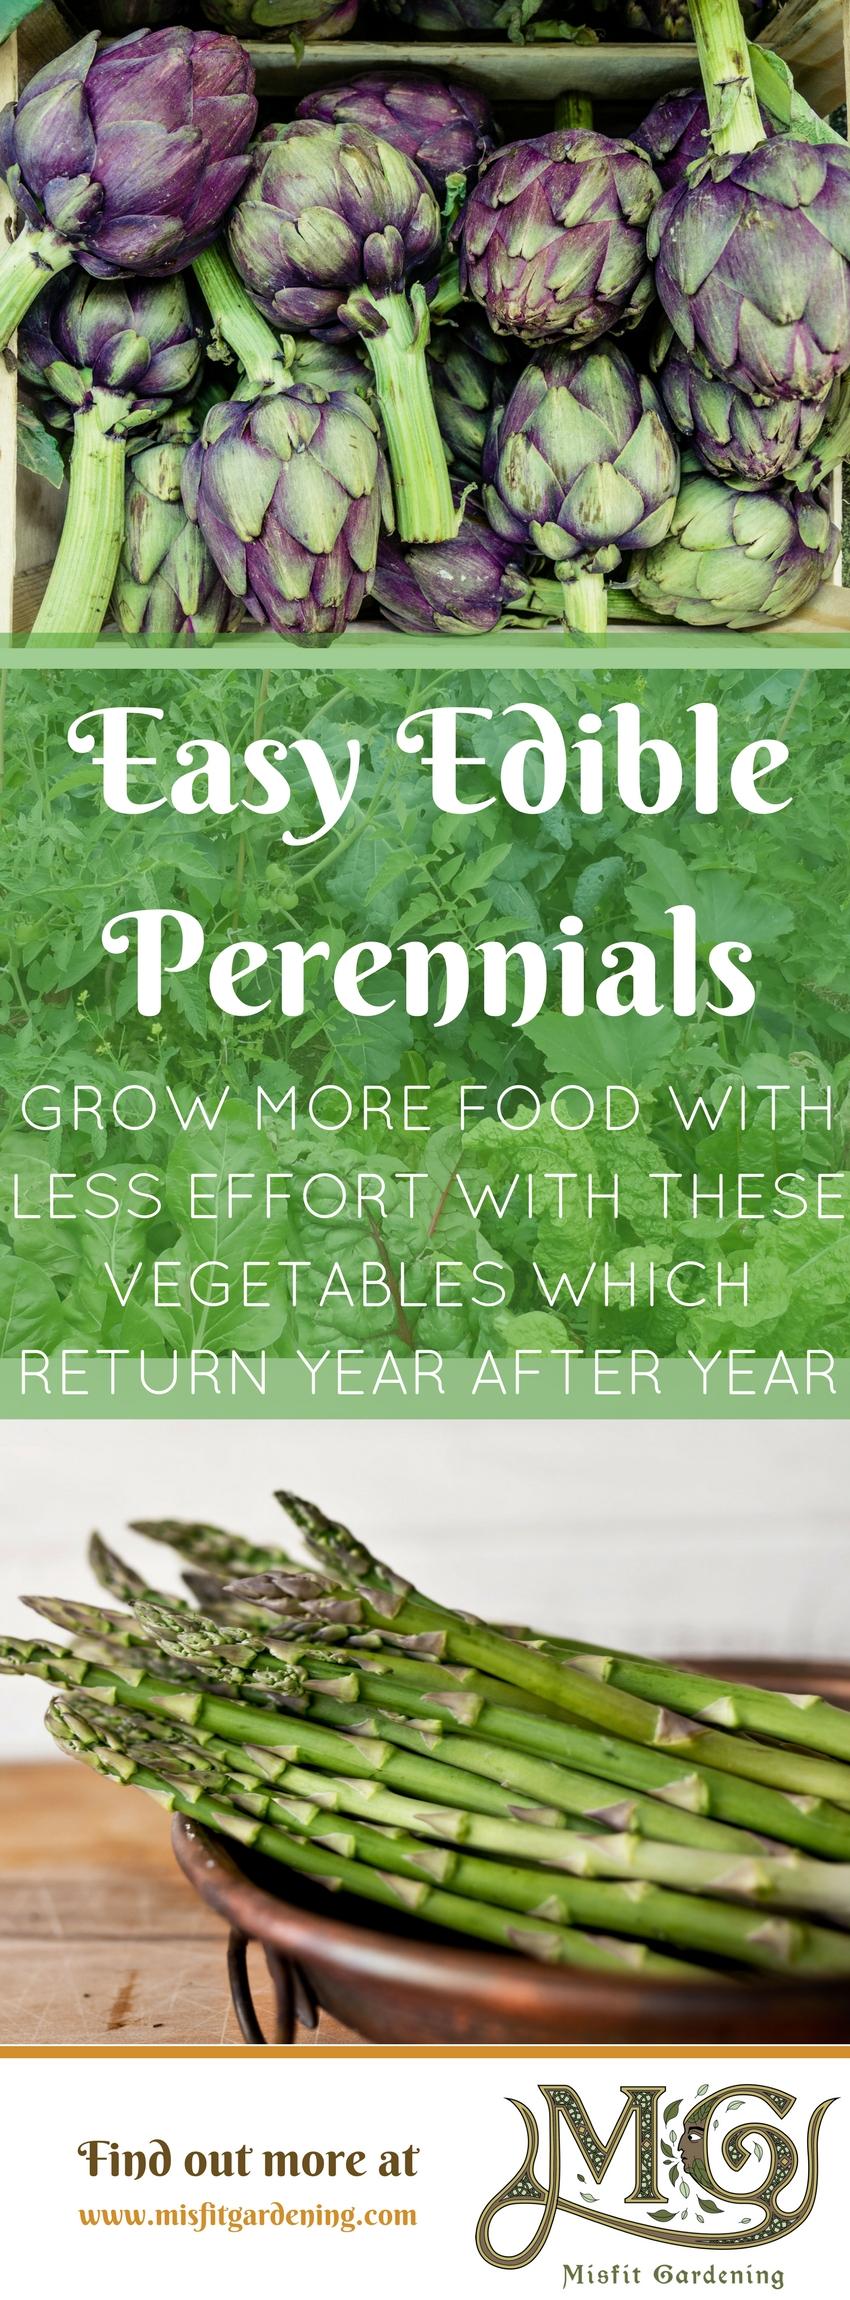 Möchten Sie mehr Nahrung mit weniger Aufwand # wachsen lassen? Mehrjähriges Gemüse eignet sich hervorragend für vielbeschäftigte Gärtner! Klicken Sie hier, um mehr zu erfahren oder es für später festzusetzen